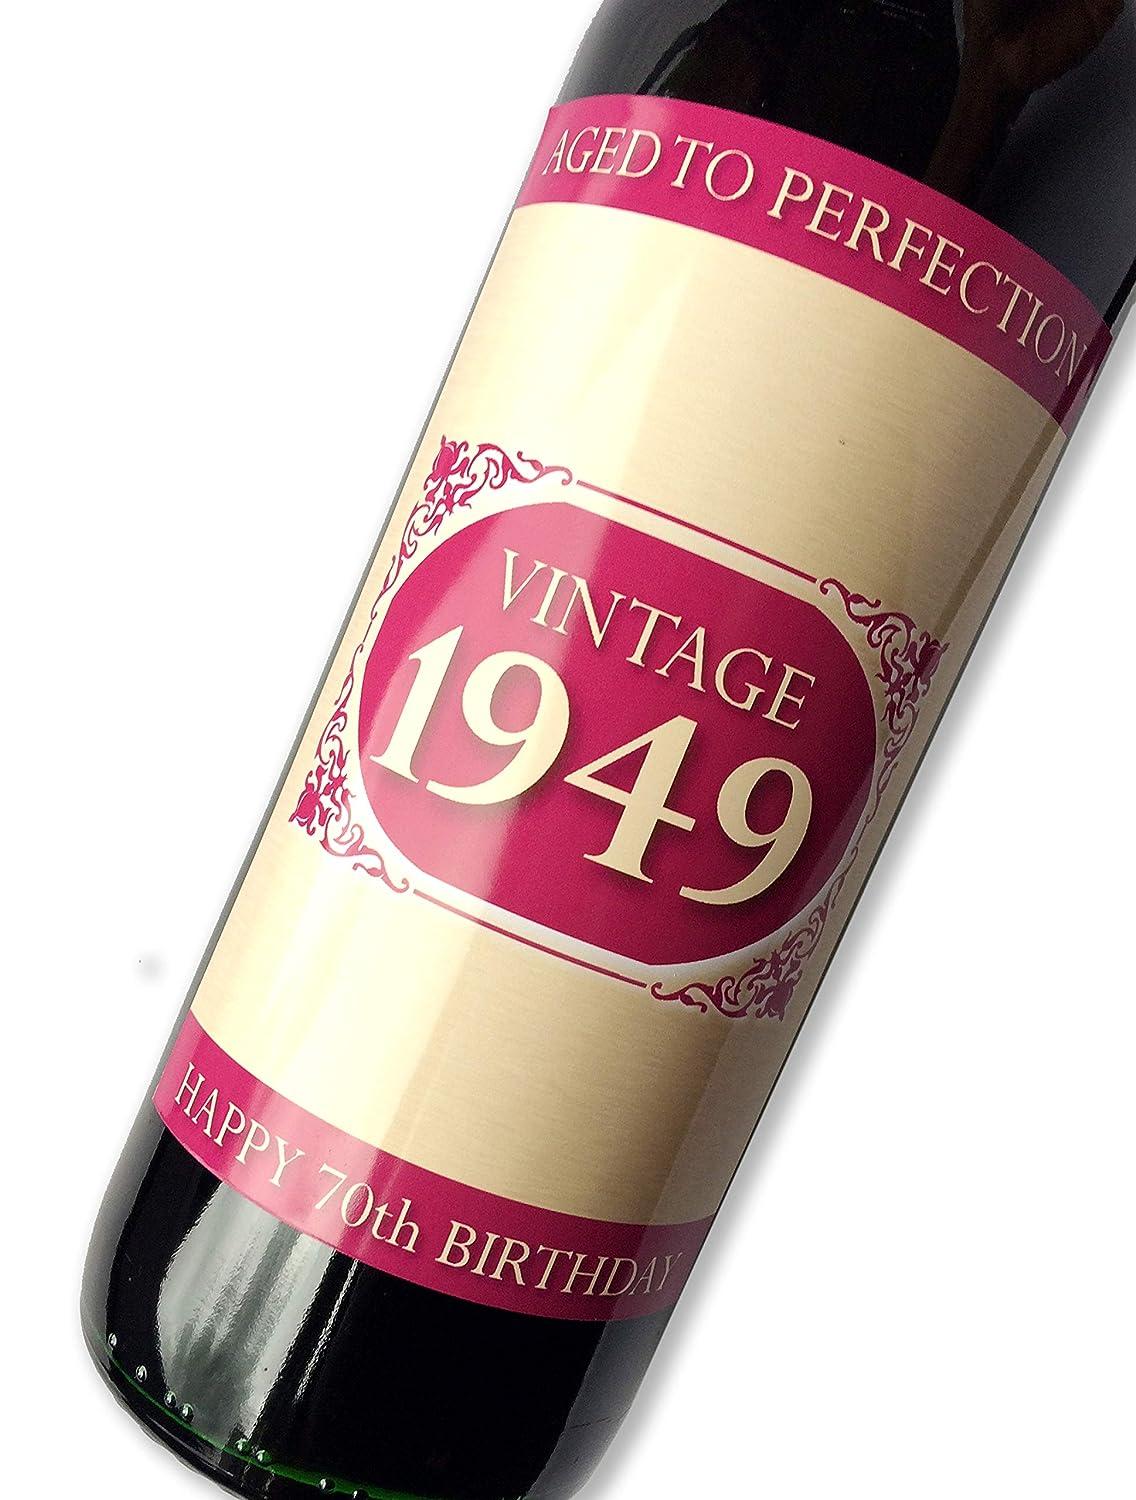 Purpleproducts 1949 Vintage Rose Happy 70è me Anniversaire 2019 é tiquette de Bouteille de vin Cadeau pour Homme et Femme Purple Products